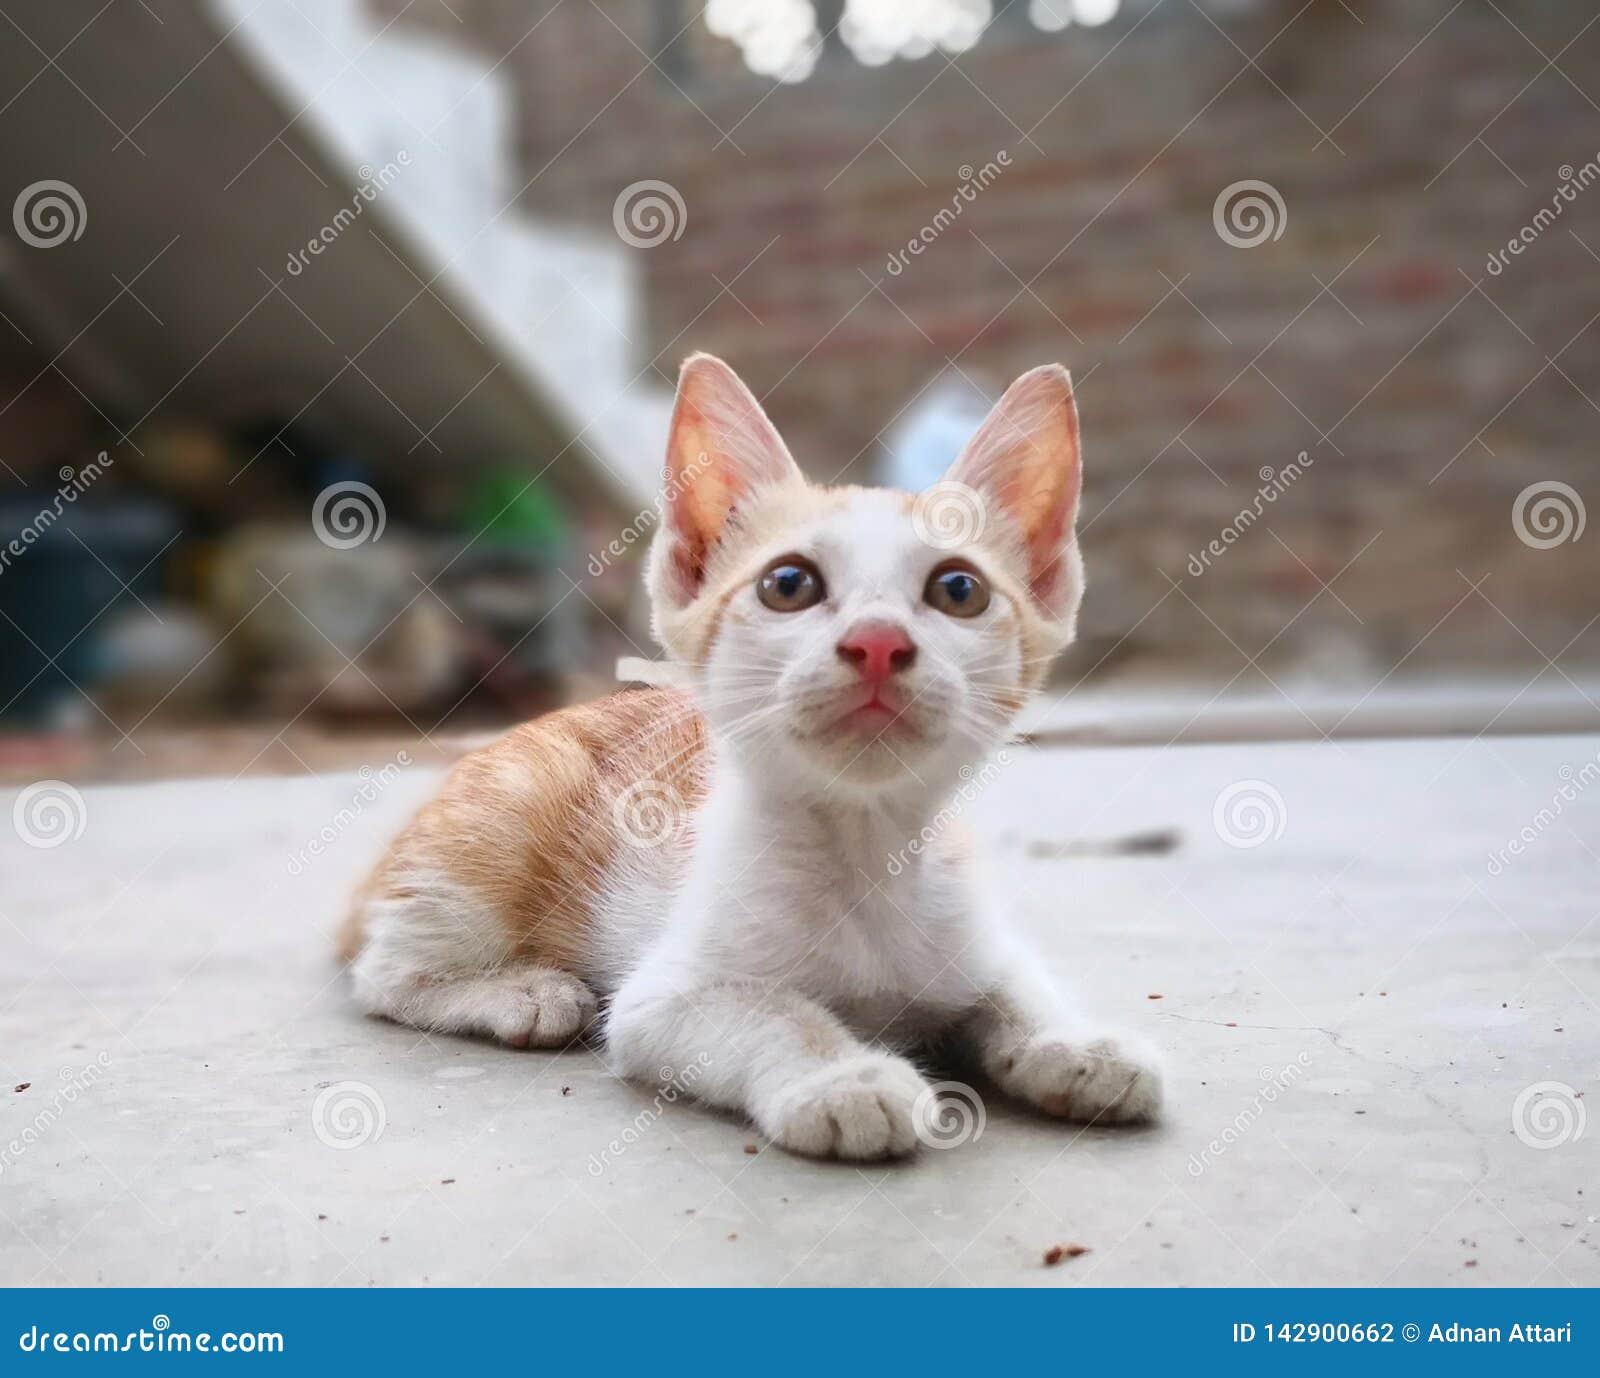 Suchende Katze etwas für essen